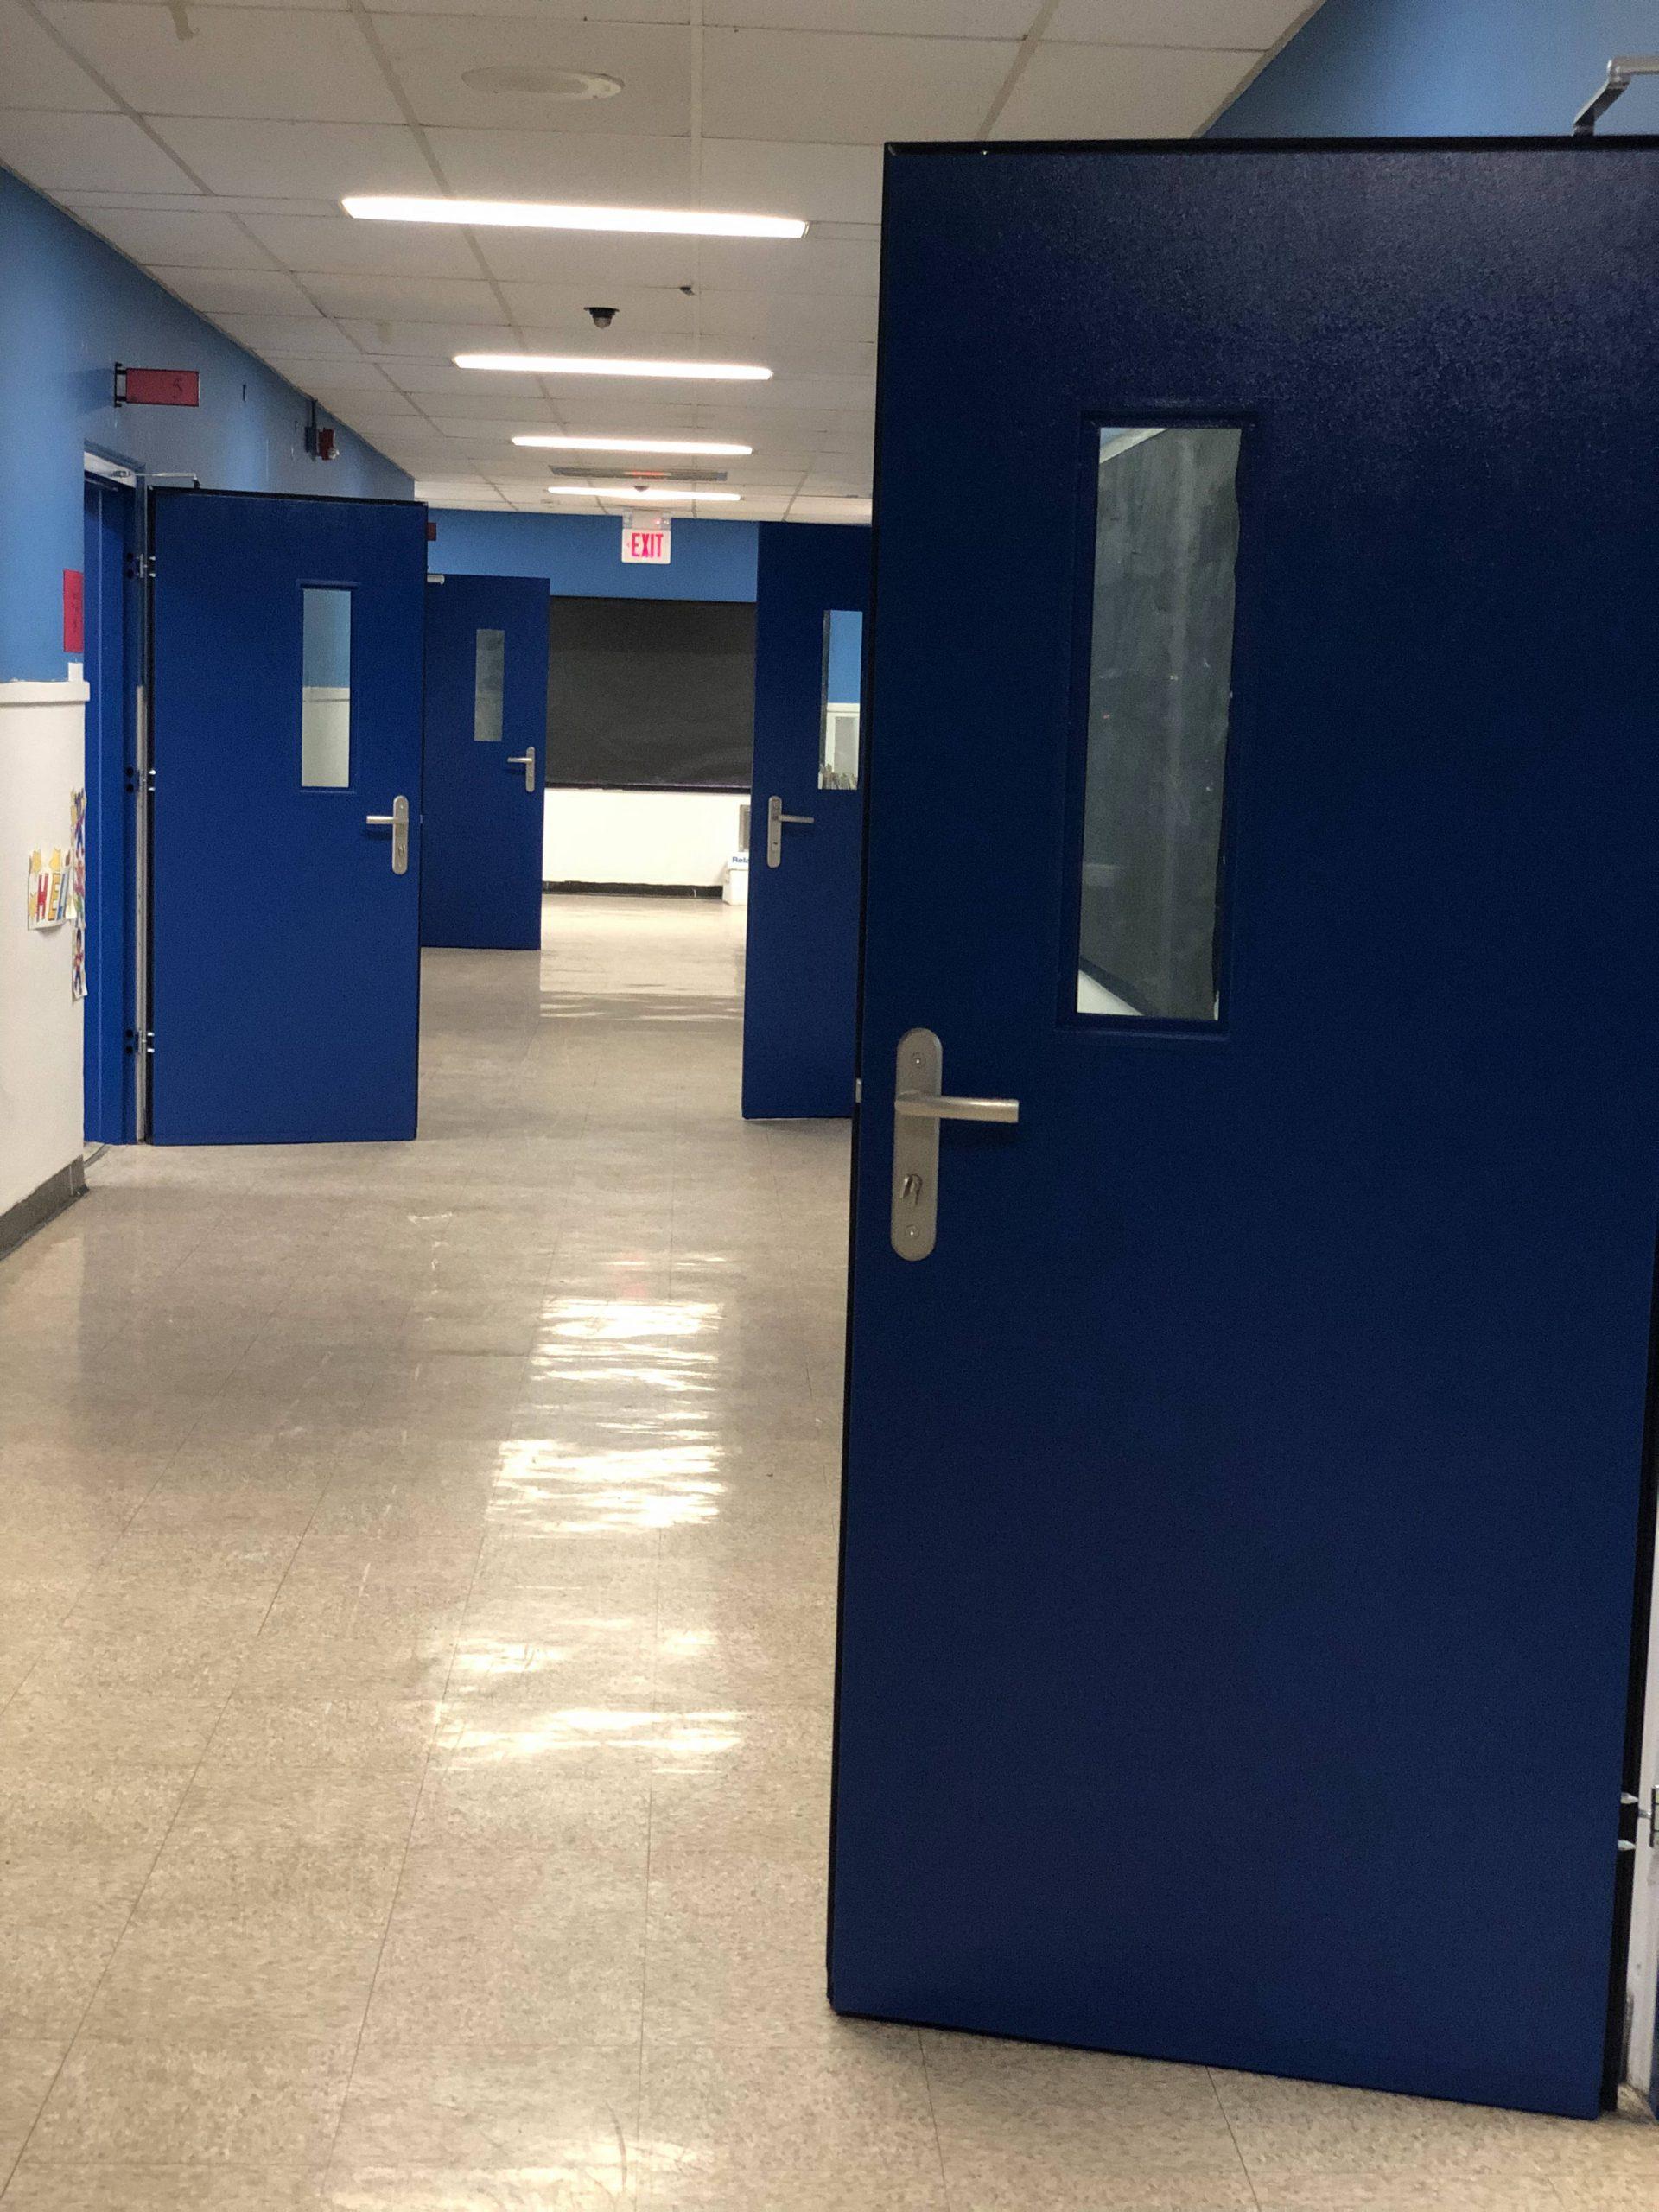 local school district buying hundreds of bullet resistant door